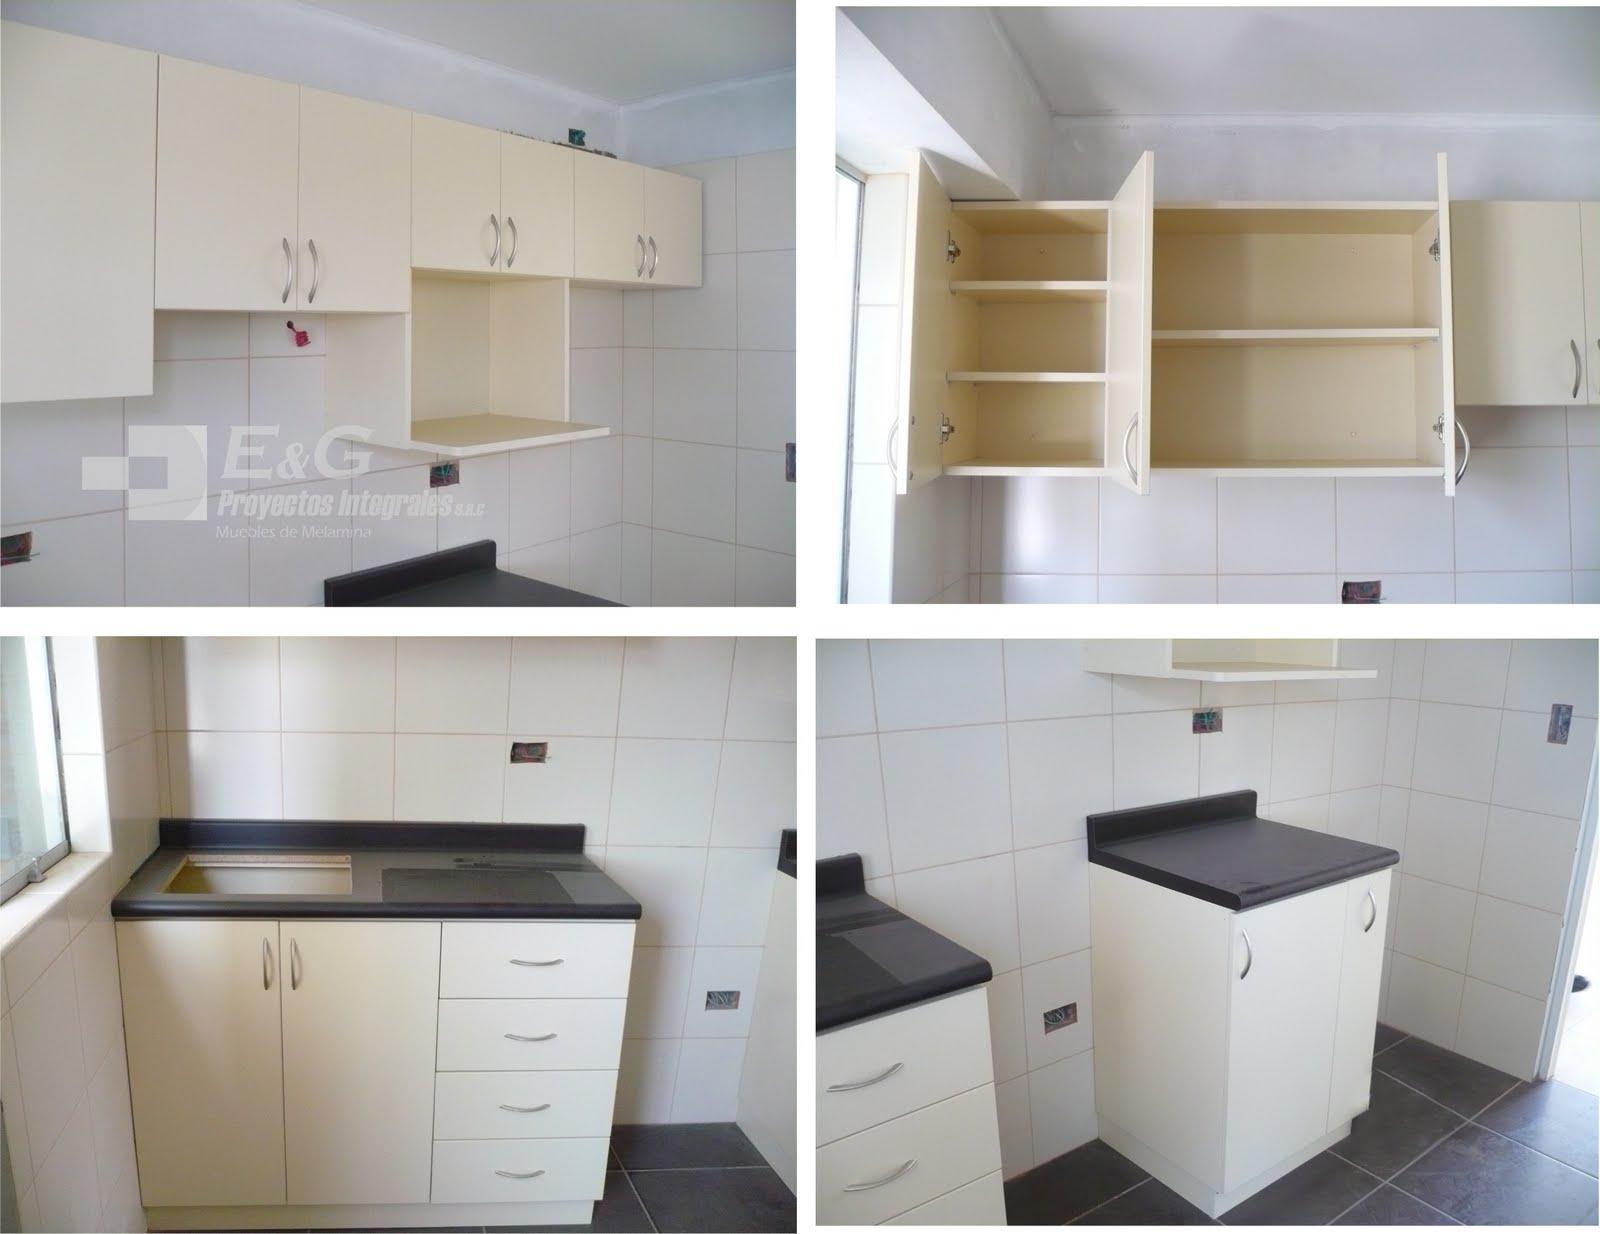 E Y G Proyectos Integrales Muebles En Melamina Aluminio